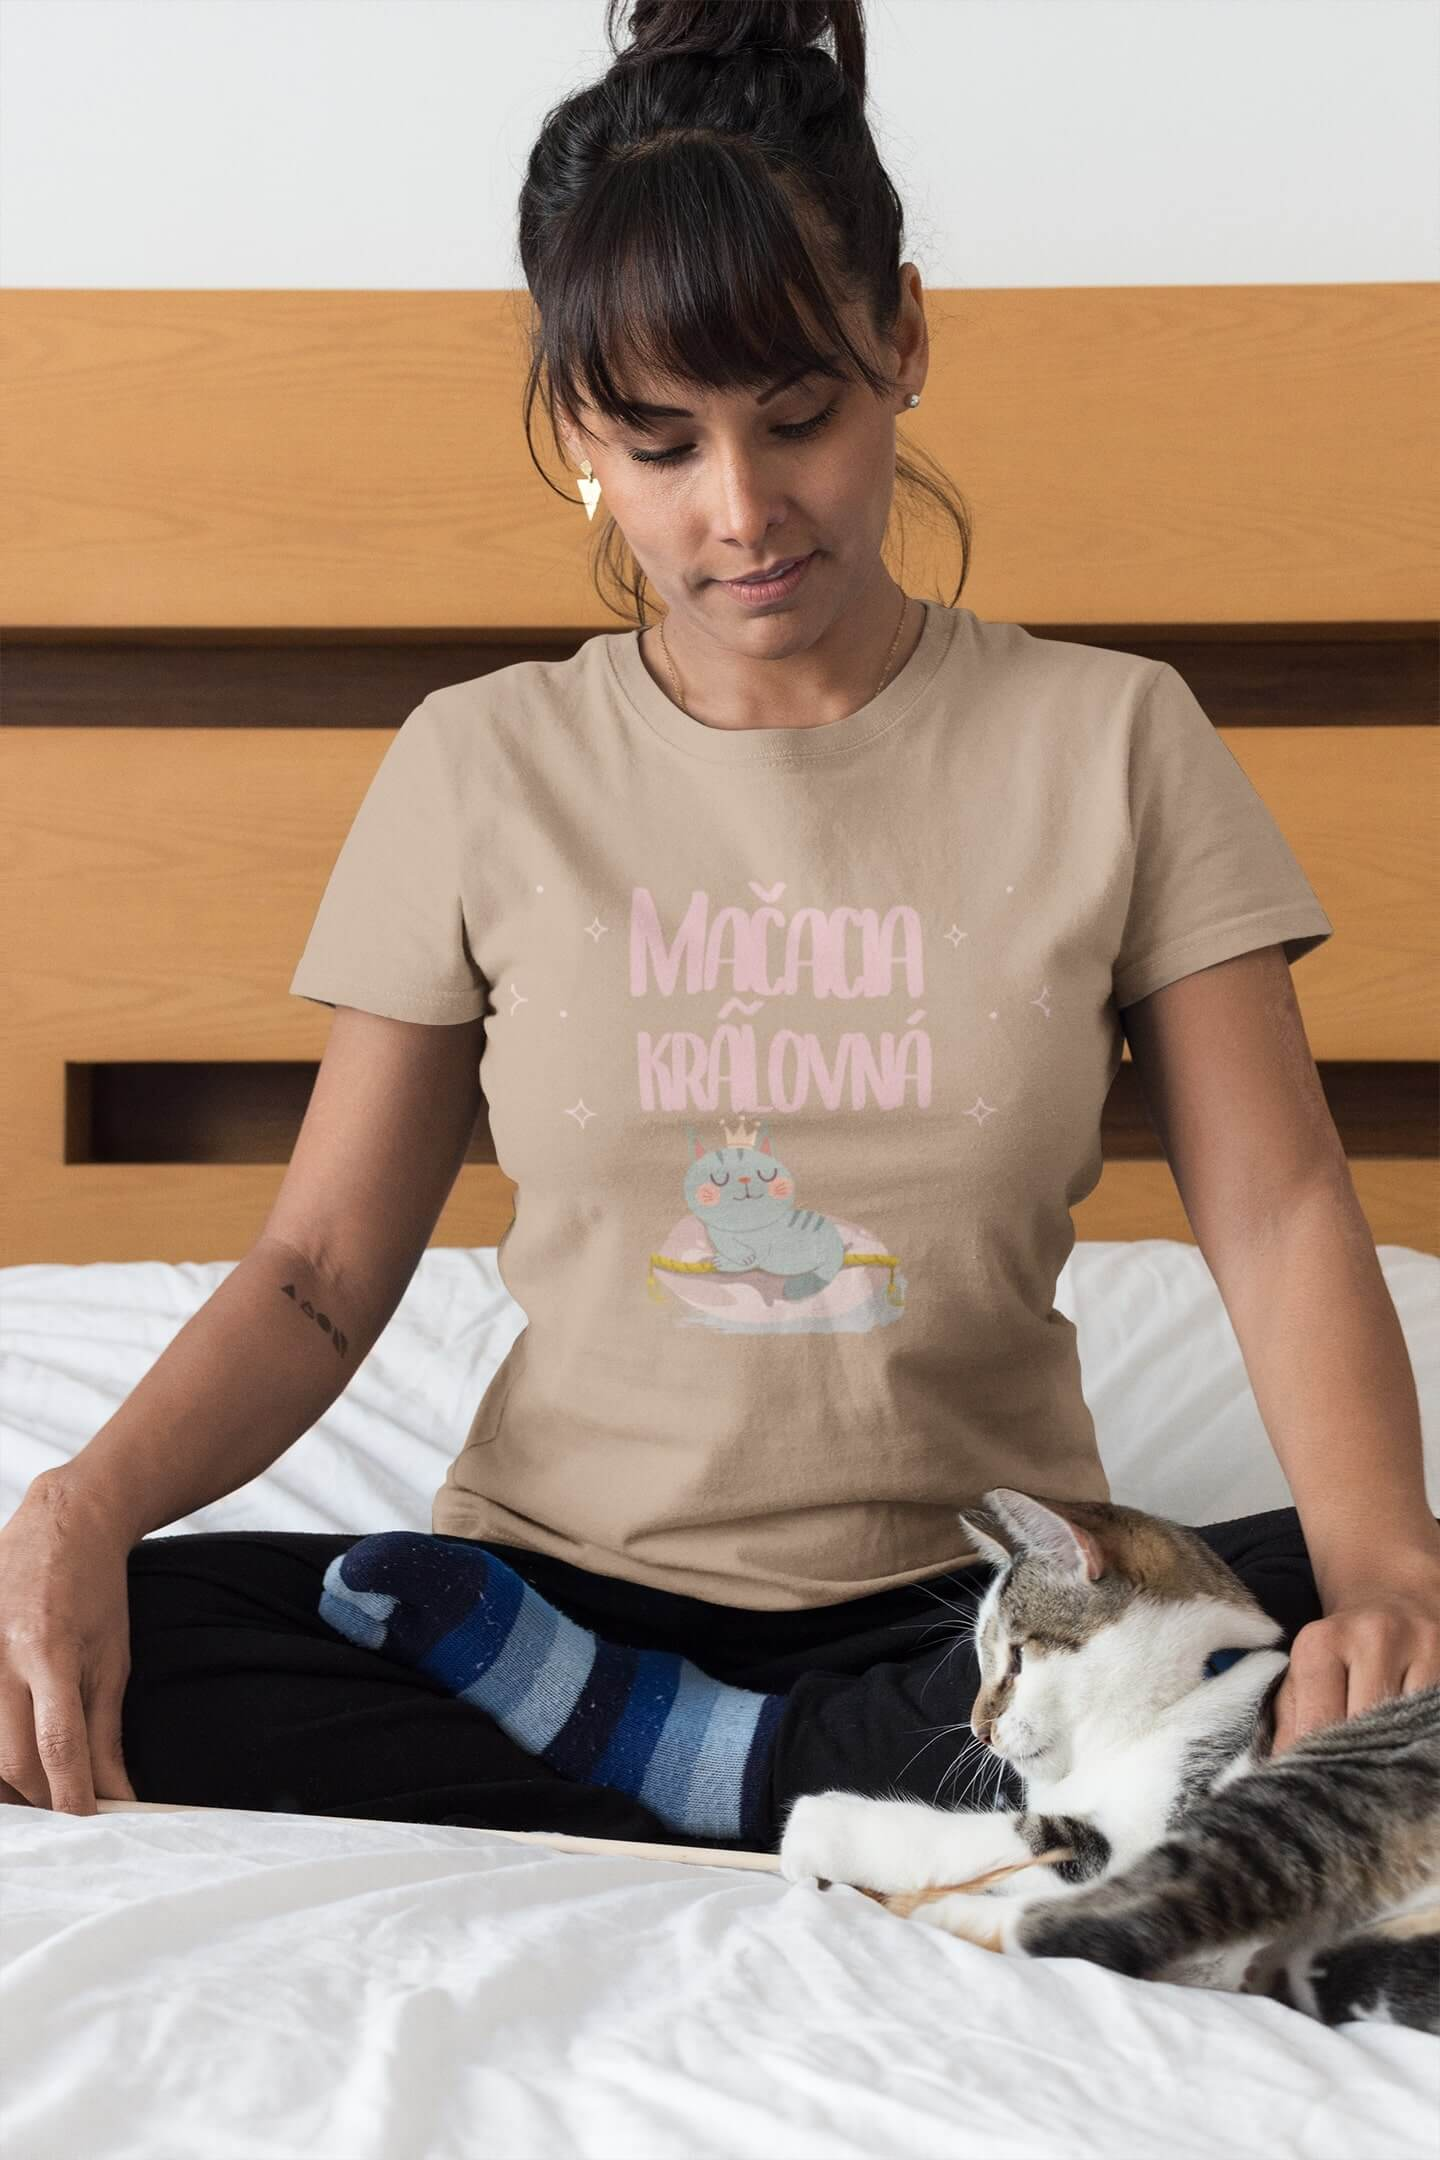 MMO Dámske tričko Mačacia kráľovná Vyberte farbu: Piesková, Vyberte veľkosť: XS